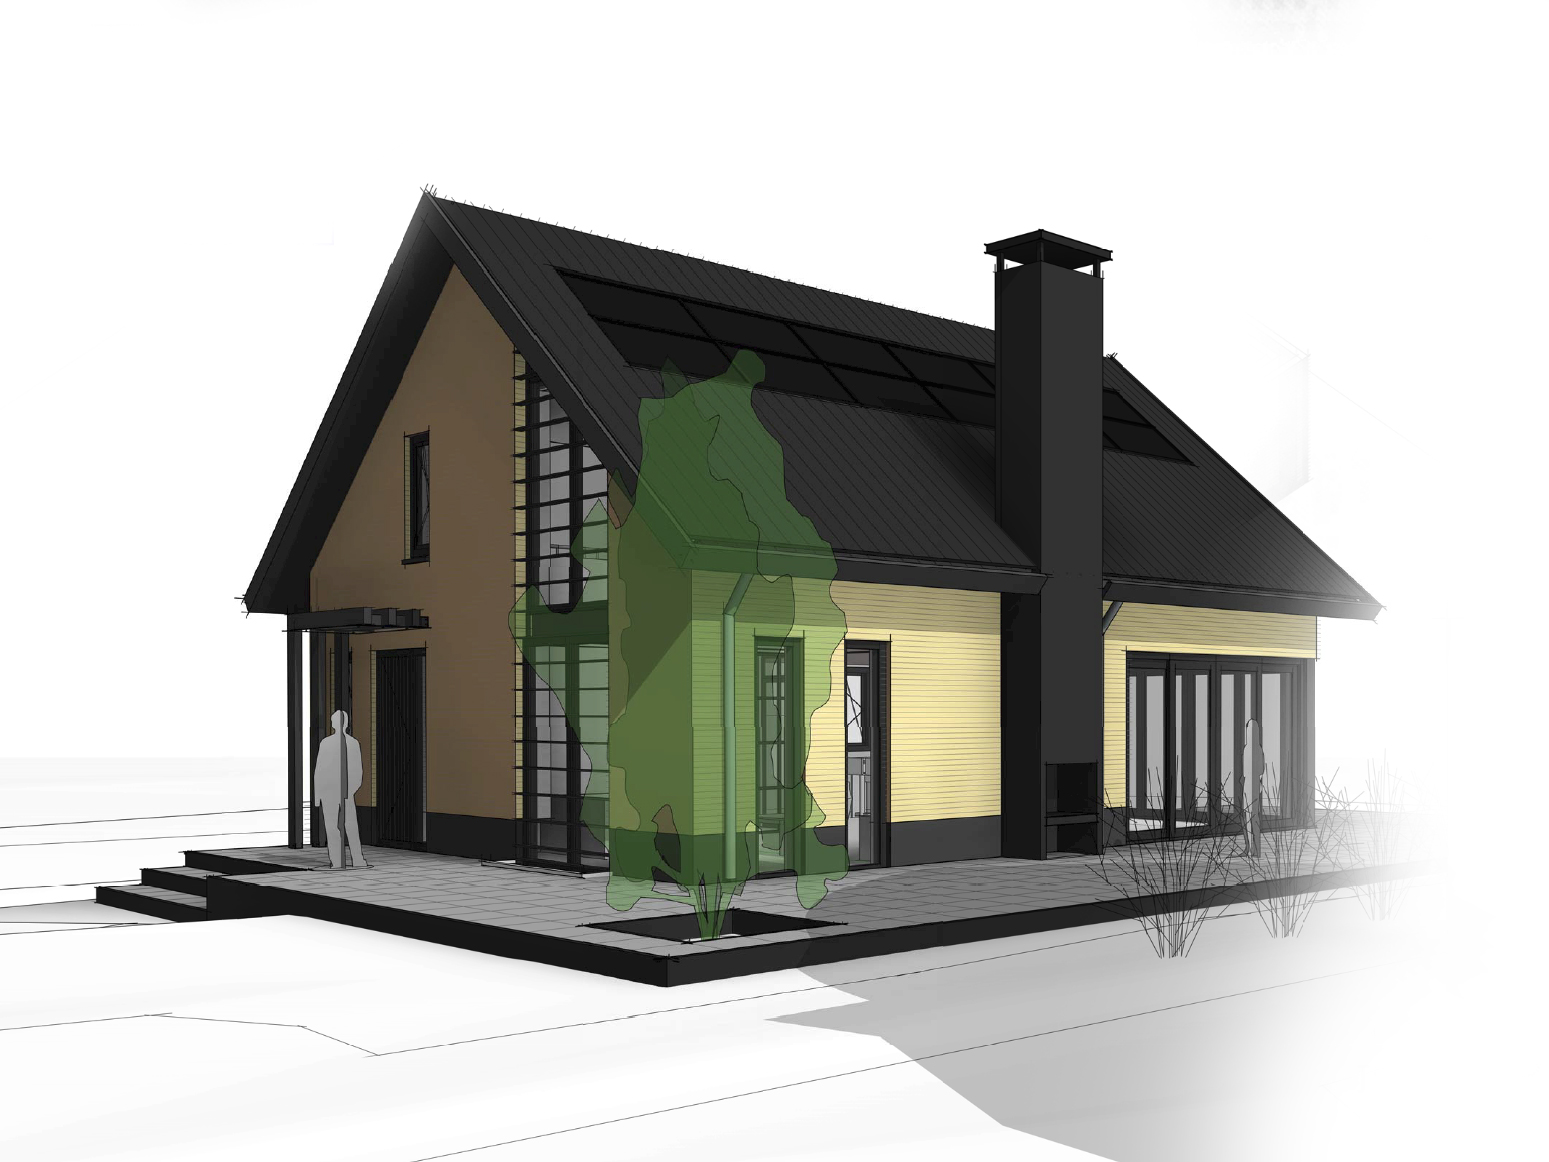 schuurwoning-vrijstaande-woning-eigentijds-vlakke-pan-donker-metselwerk-te-twello-van-oord-architectuur-en-design-architect-voorst-architect-apeldoorn